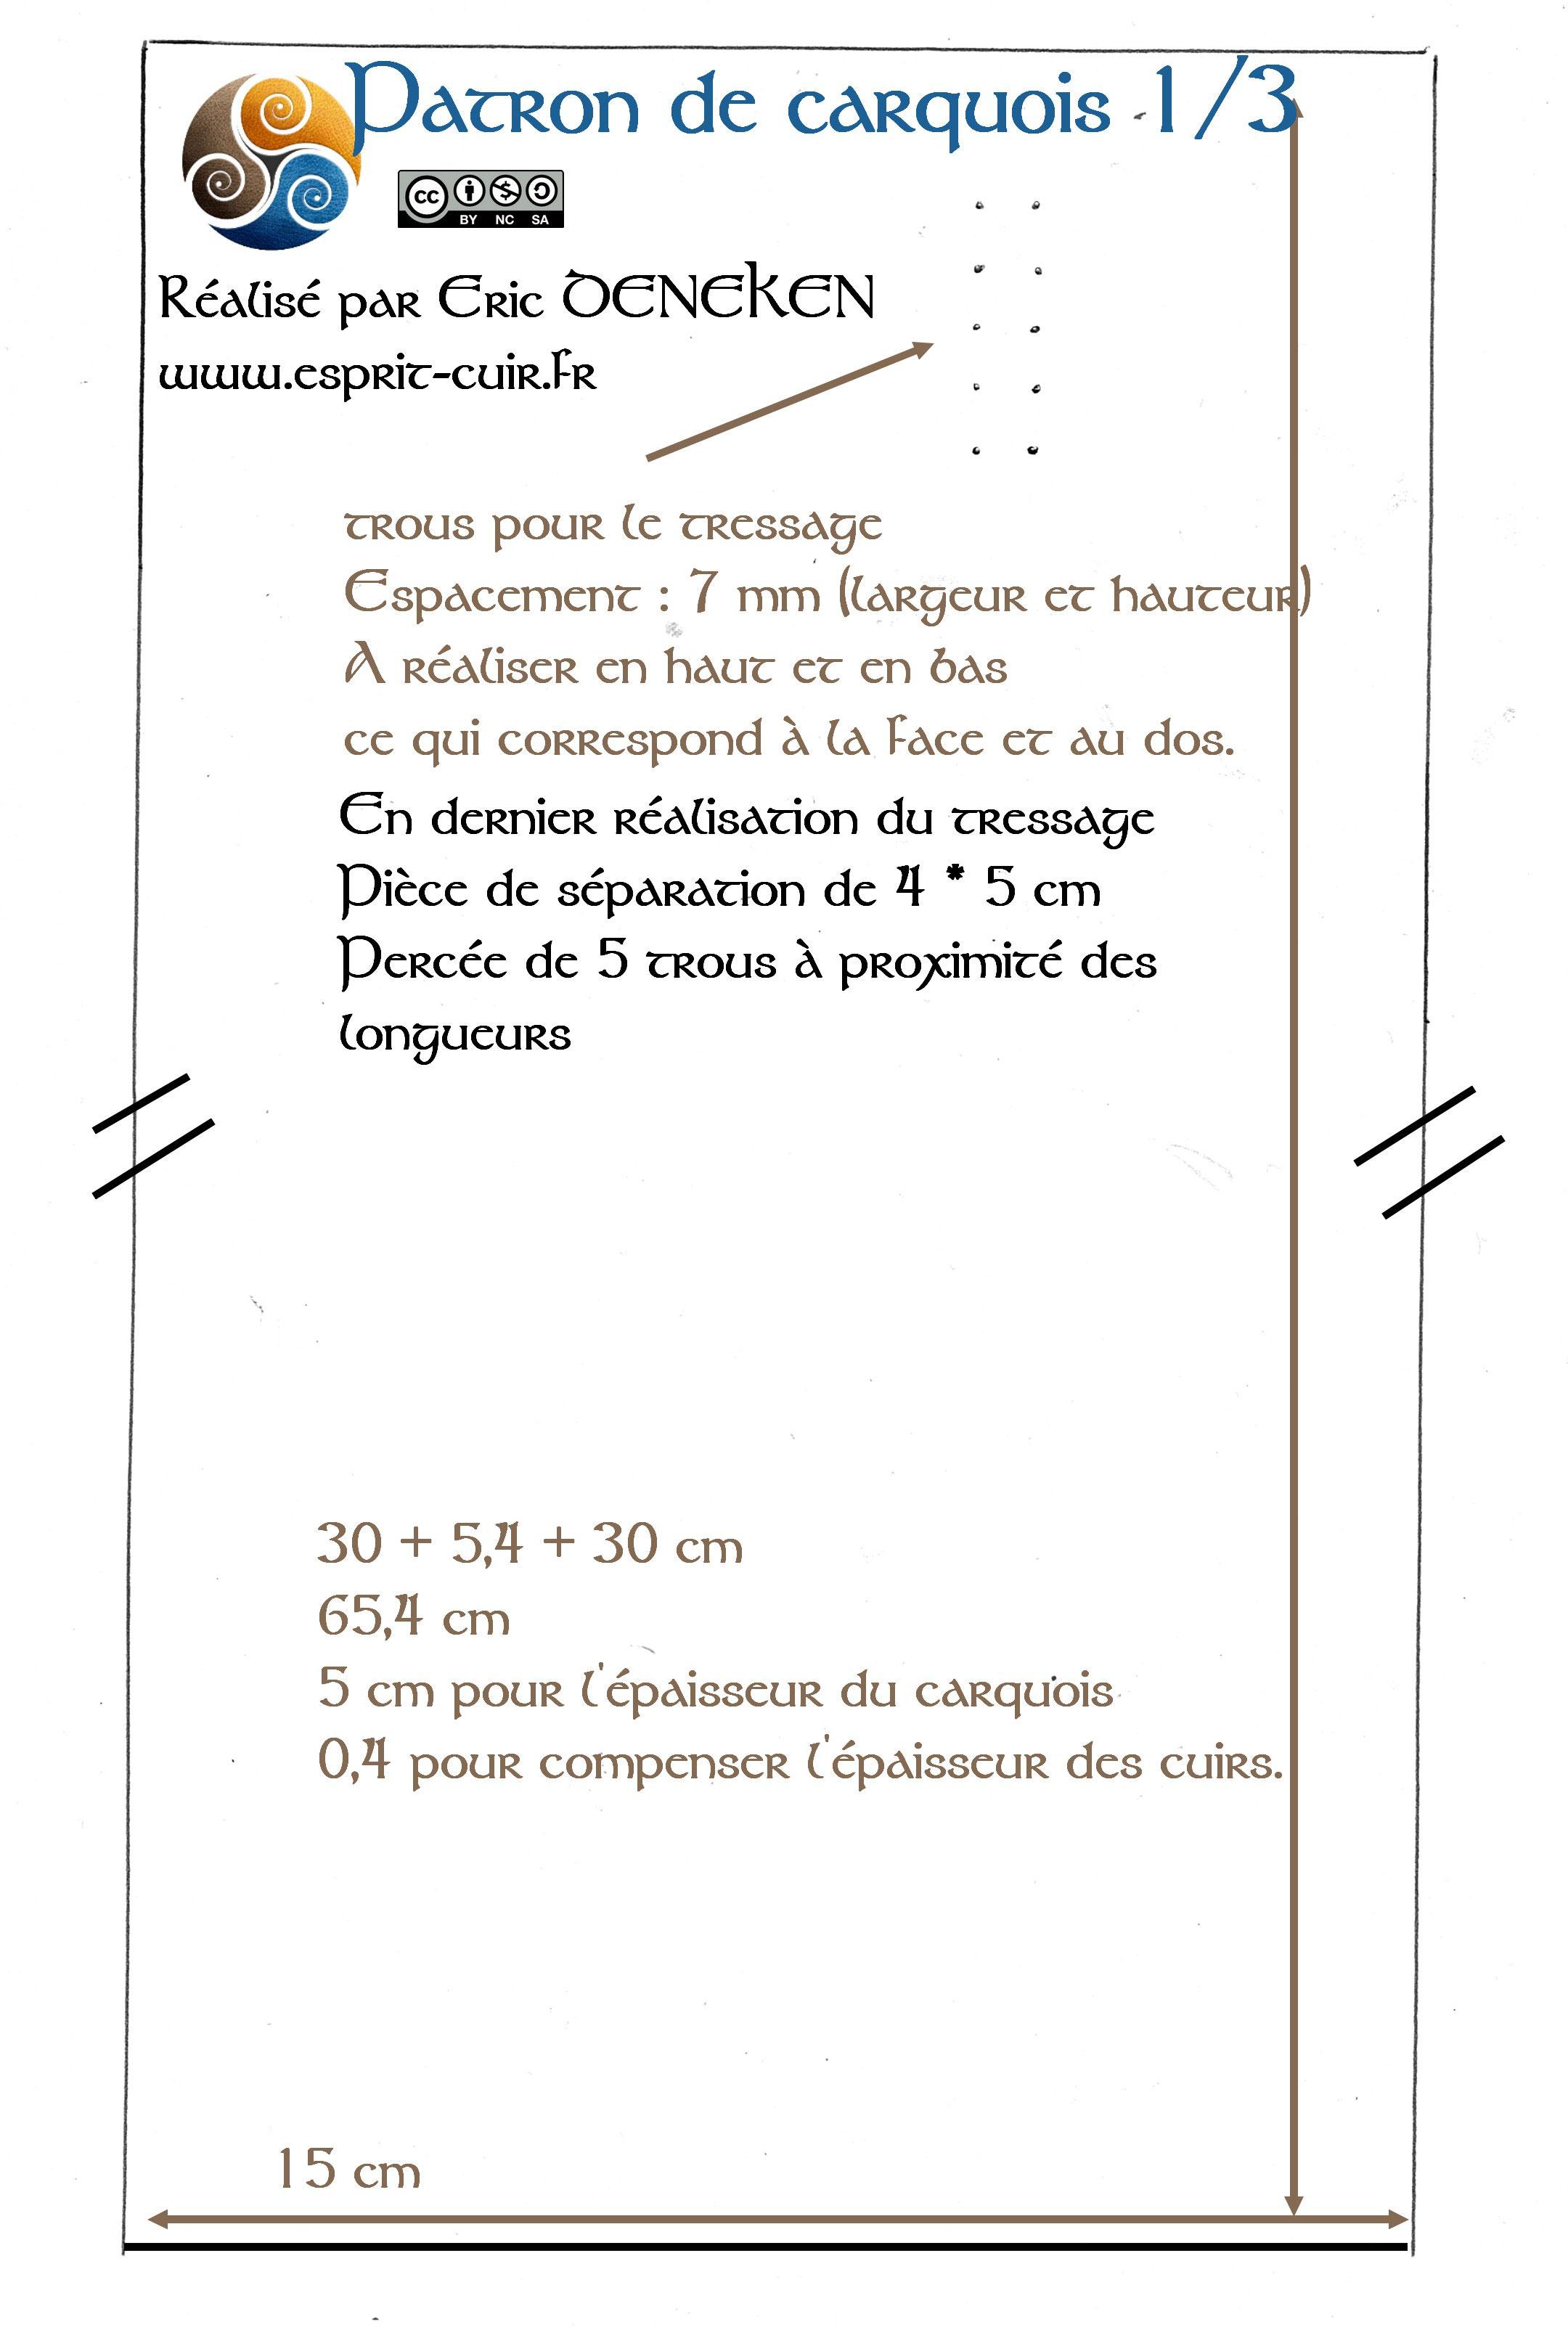 430c71daec1 Patrons pour les objets en cuir - Eden Esprit Cuir - Spécialiste du cuir ...